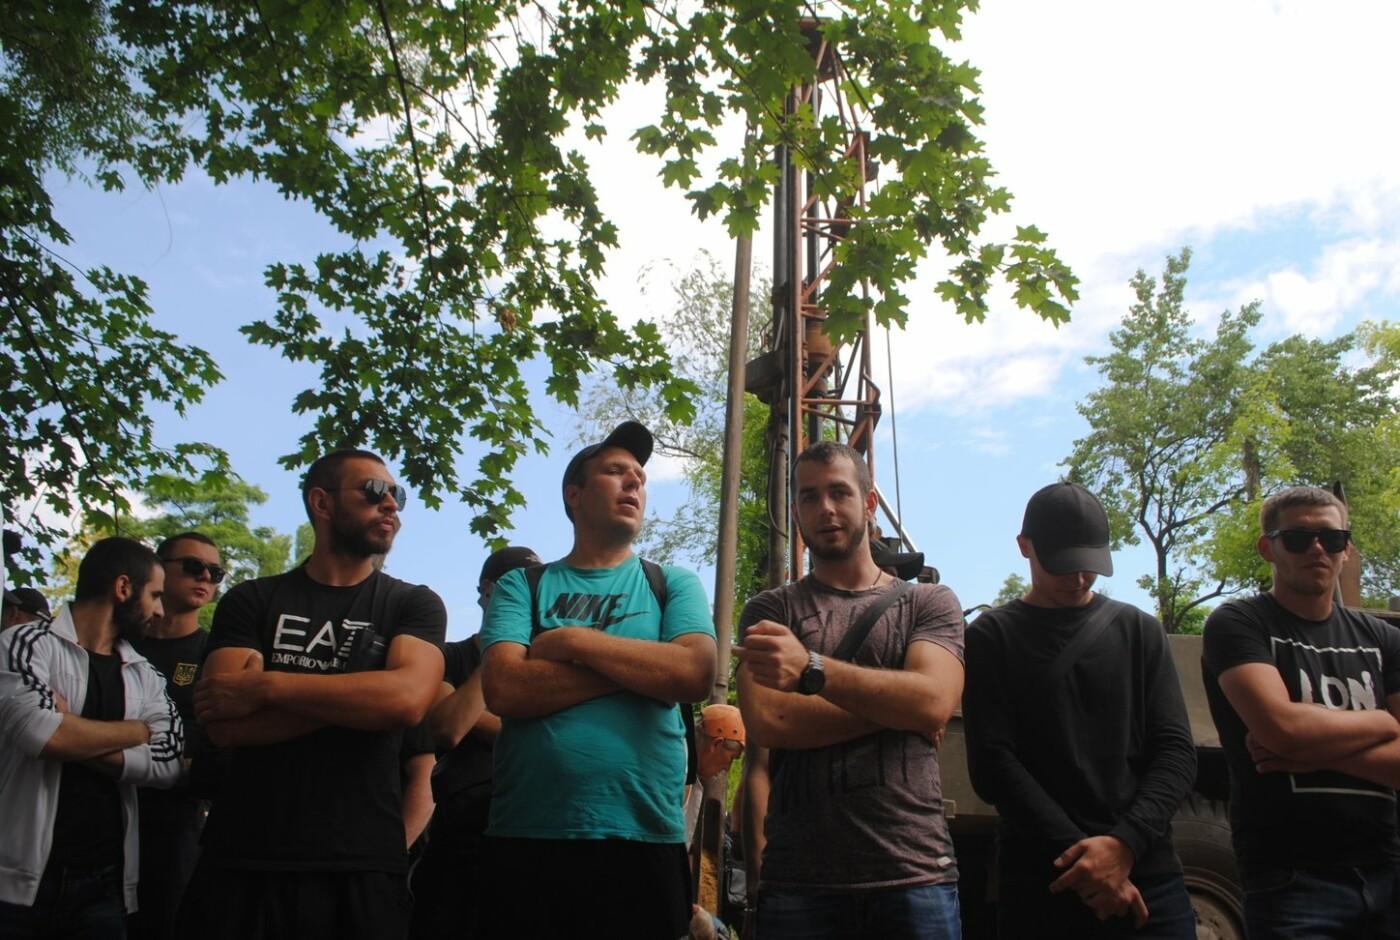 Протест в парке Яланского в лицах, - колоритный ФОТОРЕПОРТАЖ, фото-23